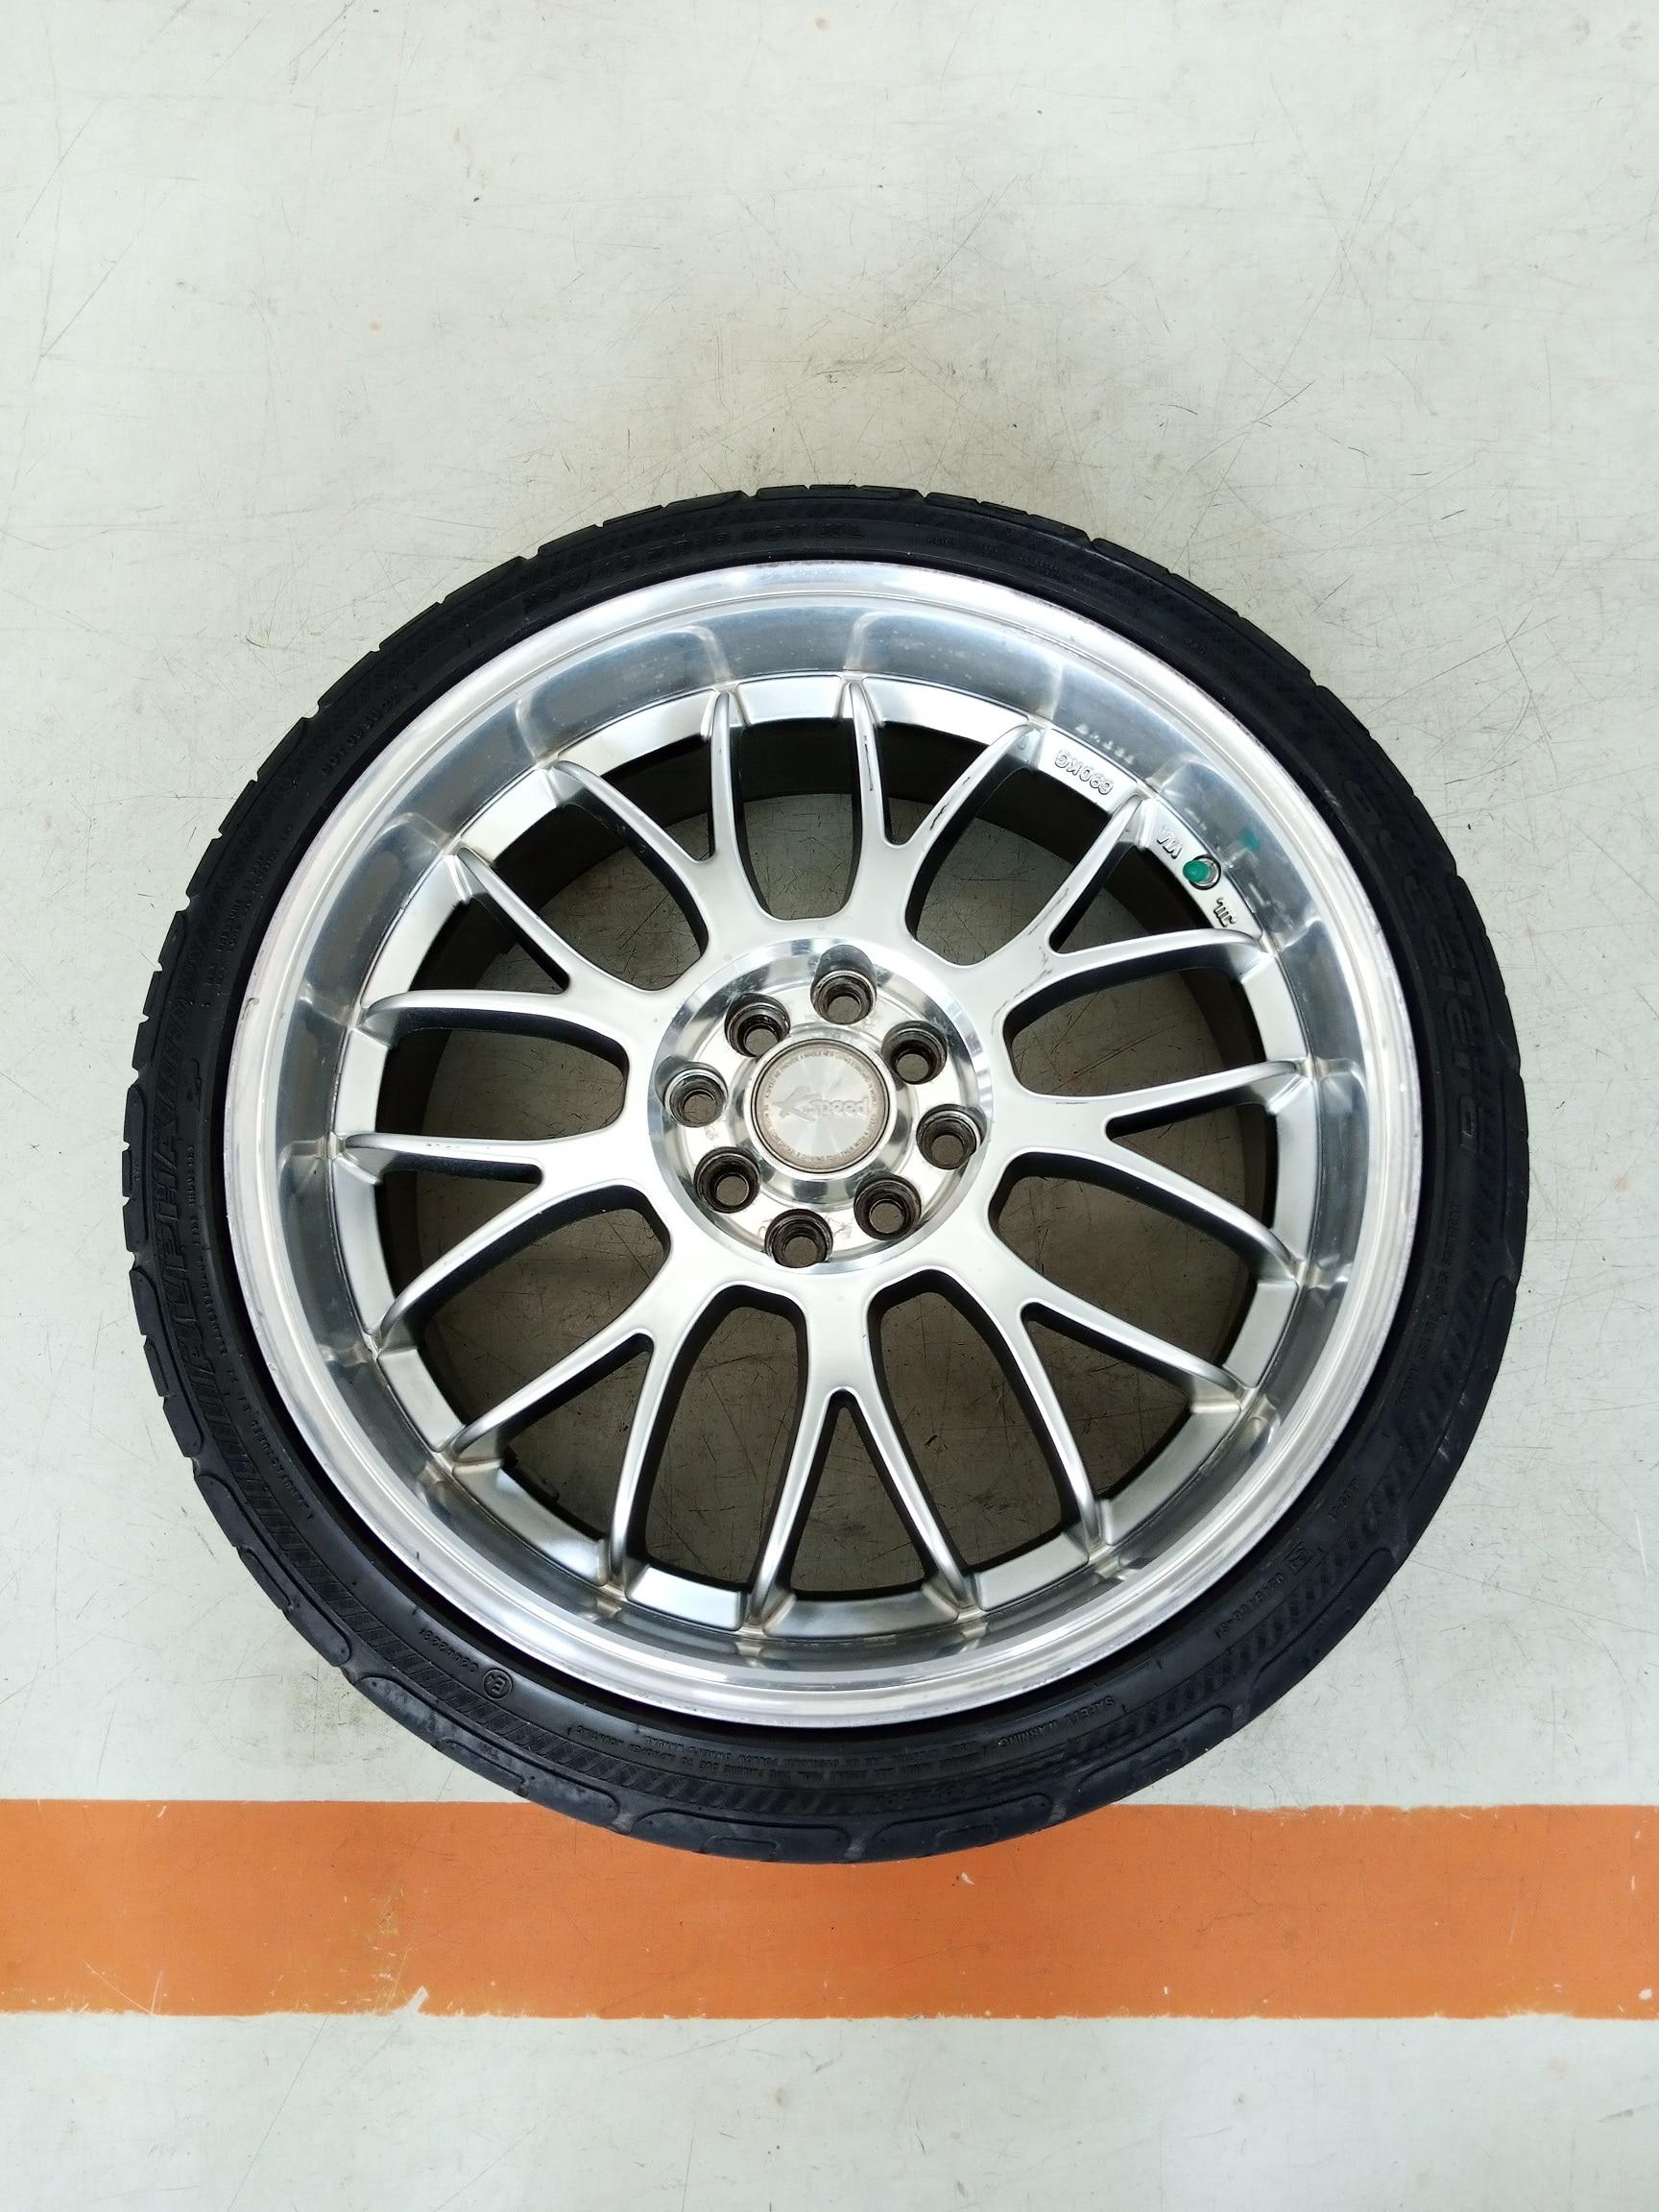 Velg Bekas Type K-Speed Ring 18 + Ban Buat Freed,Vios,City,Livina